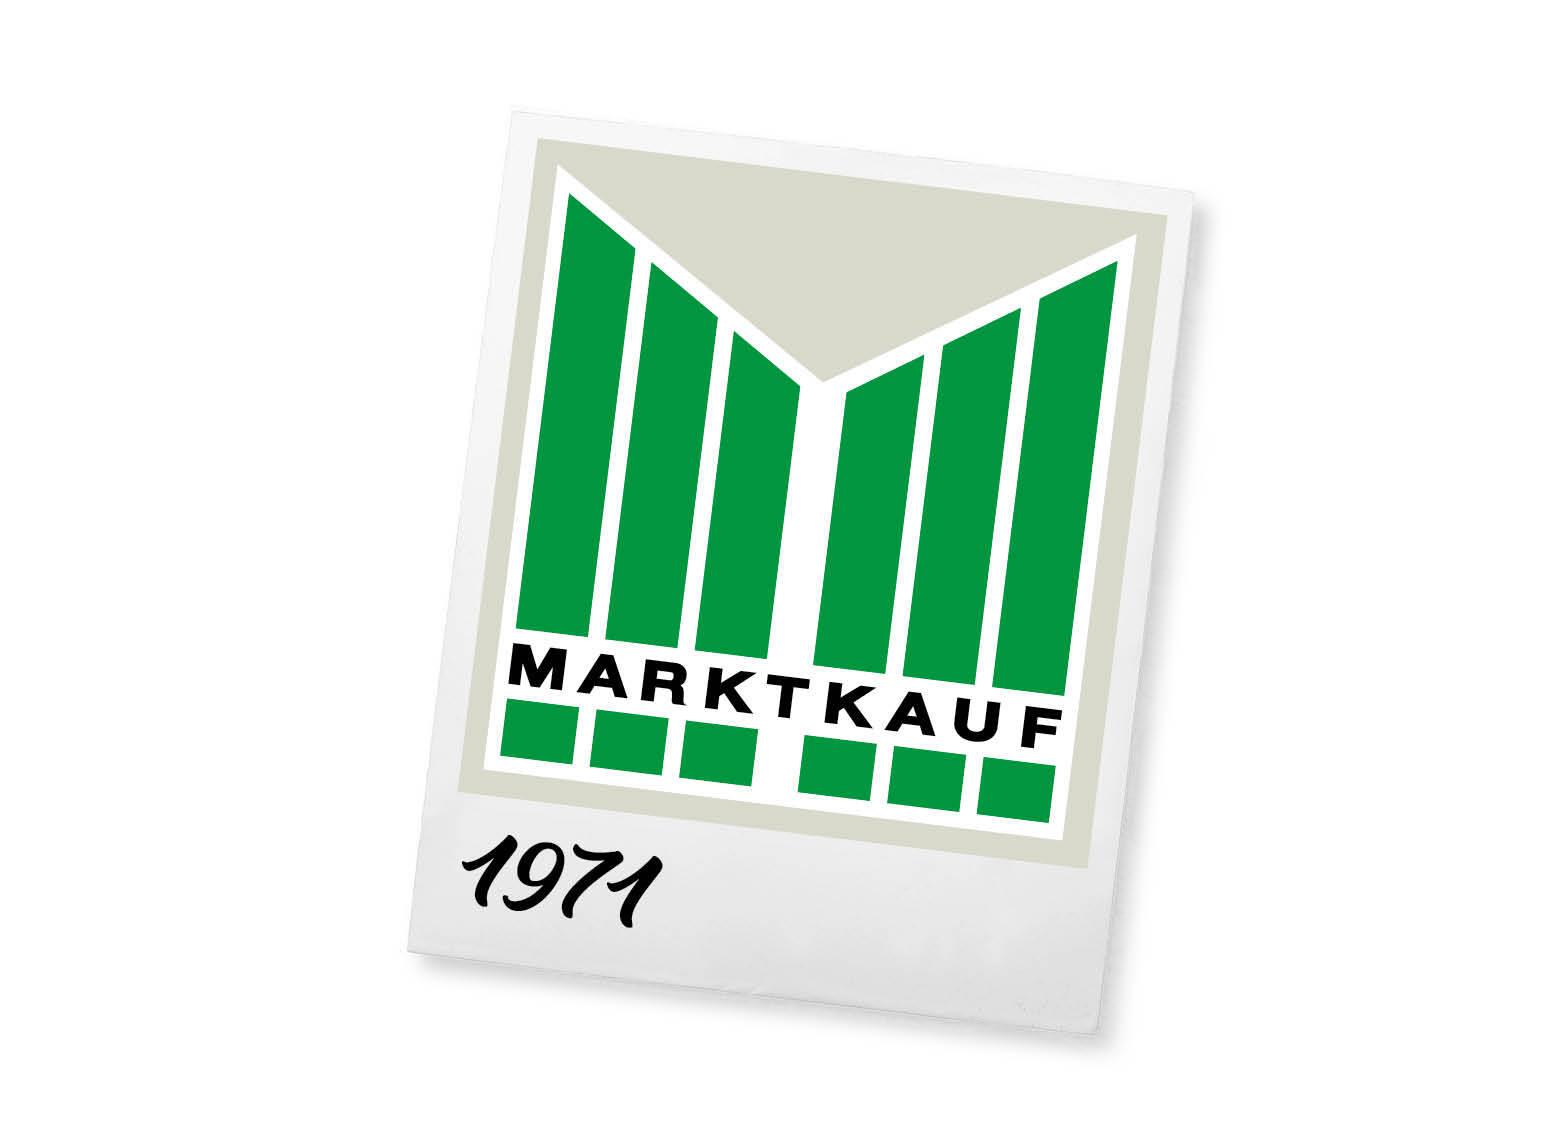 Gründung der Firma Marktkauf auf Basis einer Konsumgenossenschaft.